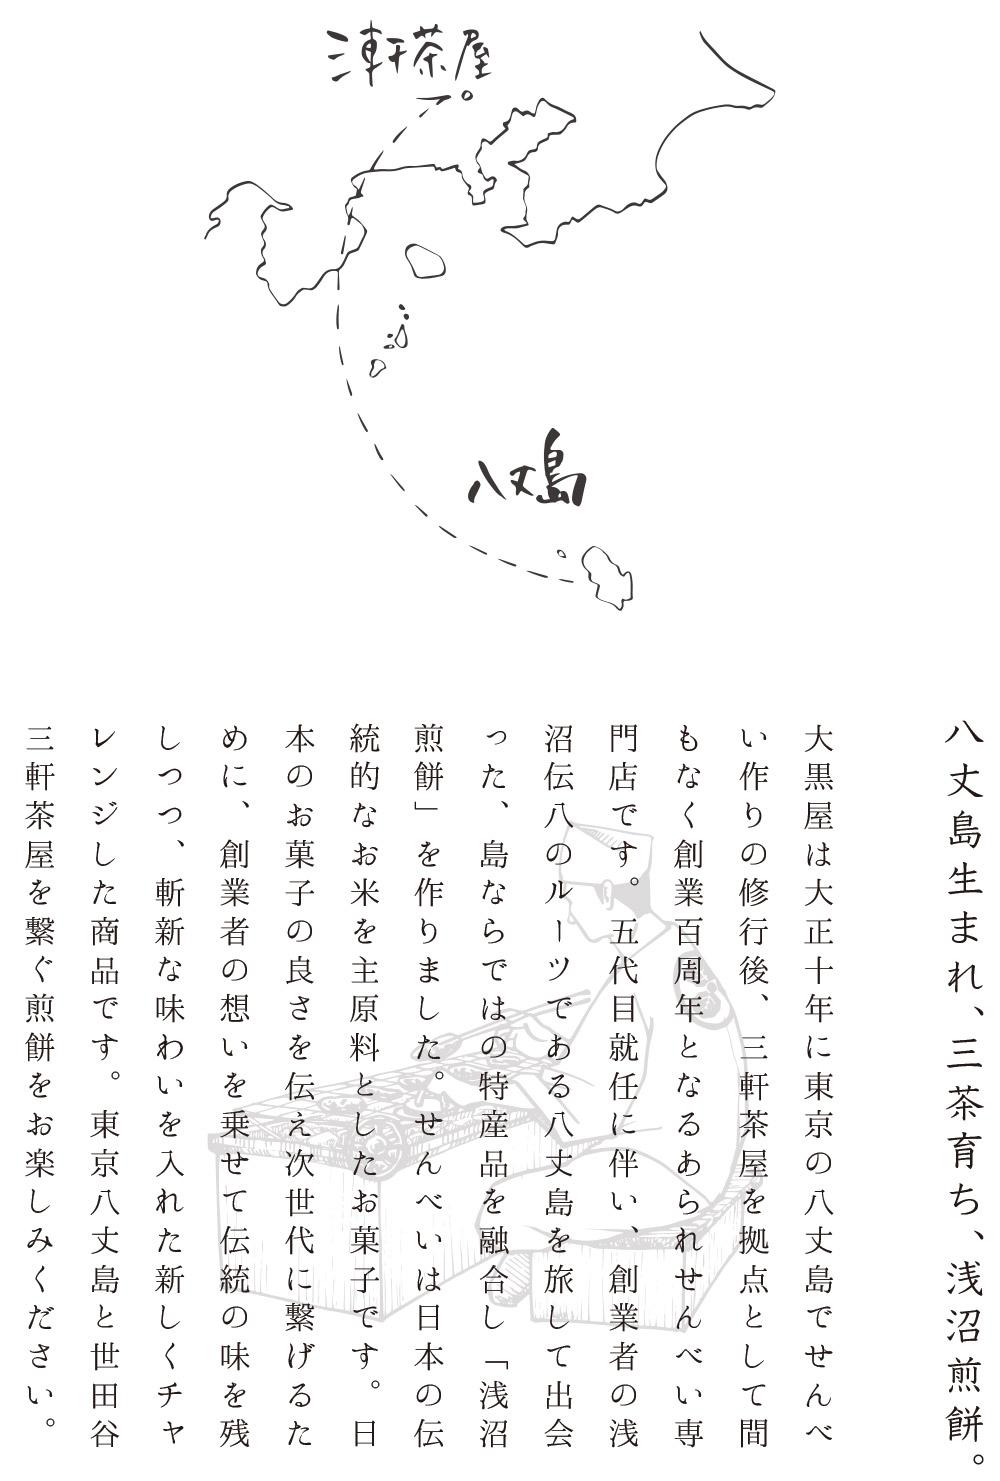 八丈島生まれ、三茶育ち、浅沼煎餅。